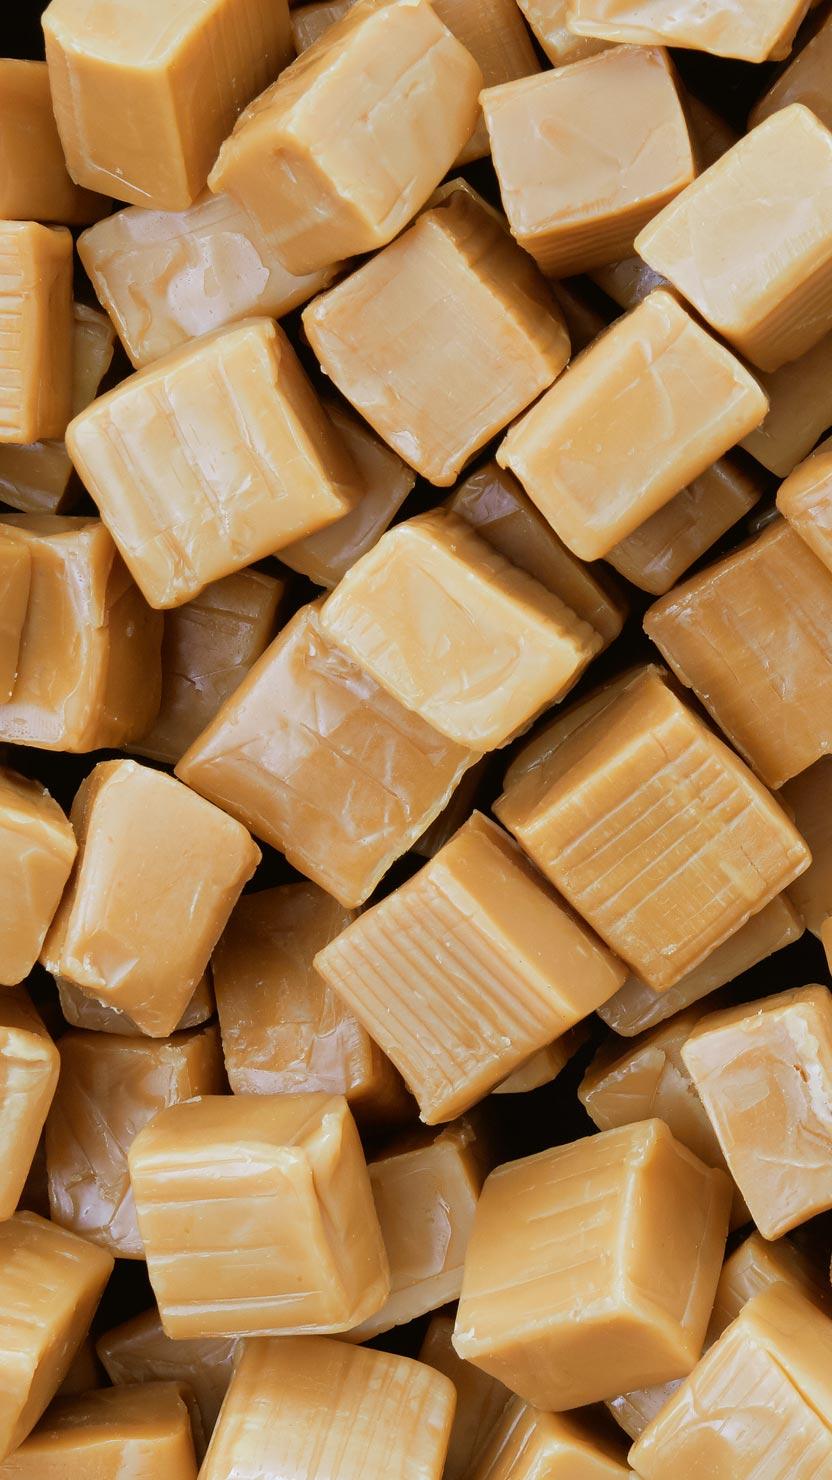 cubes of caramel